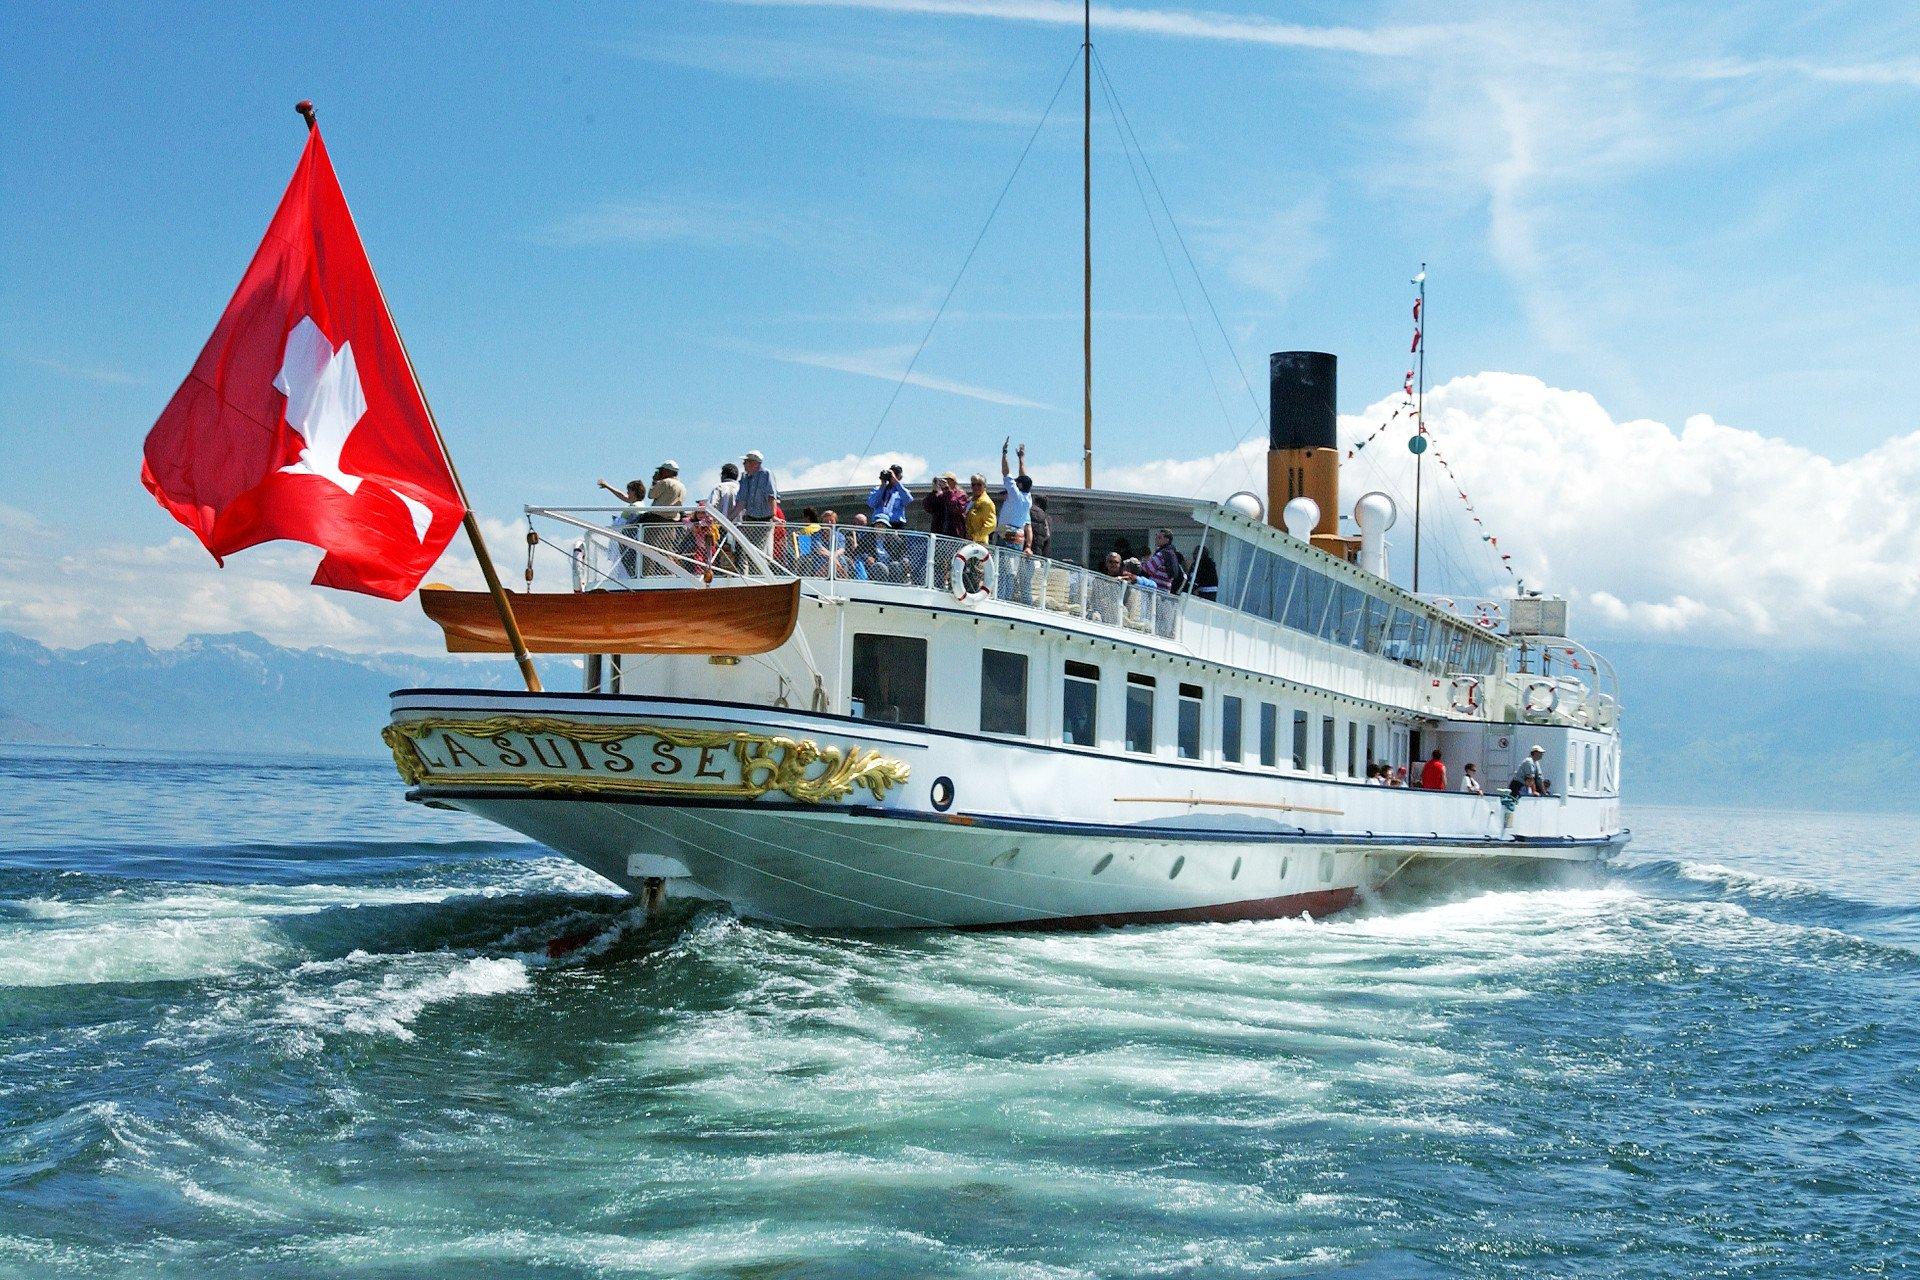 visite privée-capitaine-bateau a vapeur-Lac Léman-Suisse